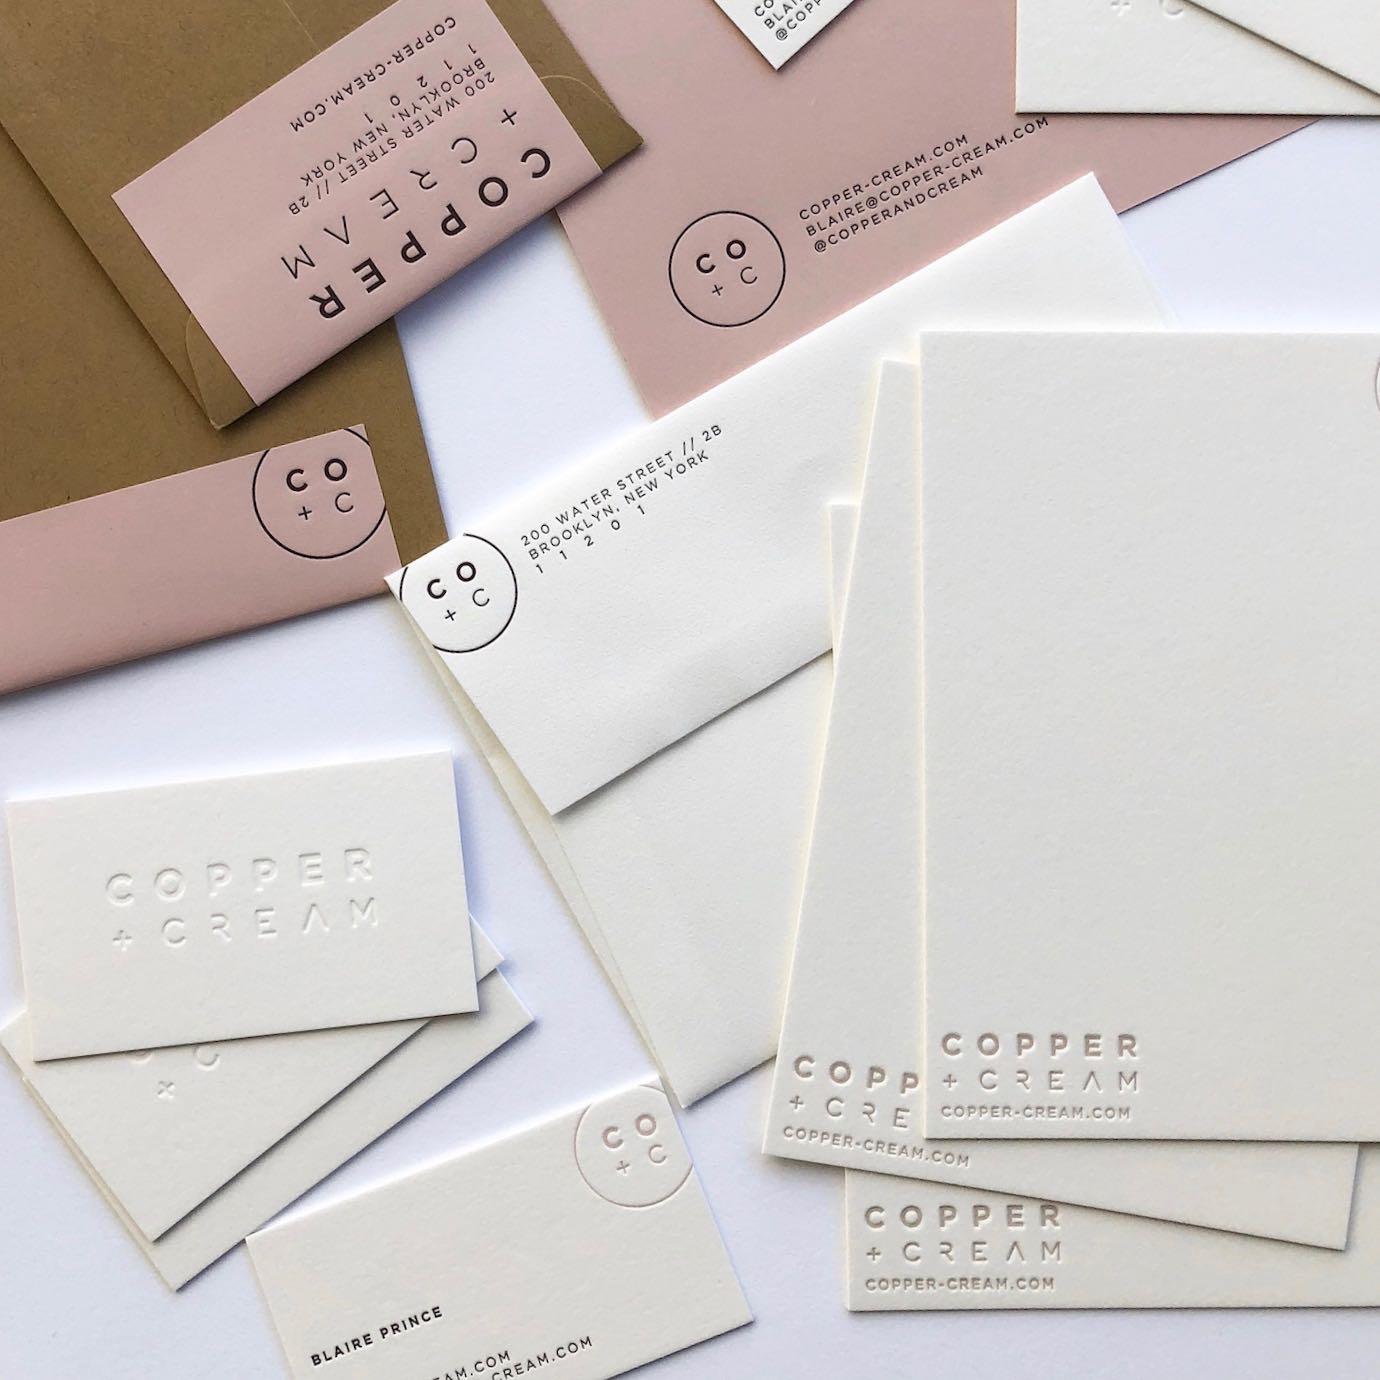 Swell Press for Copper Cream Branding - 1.jpg